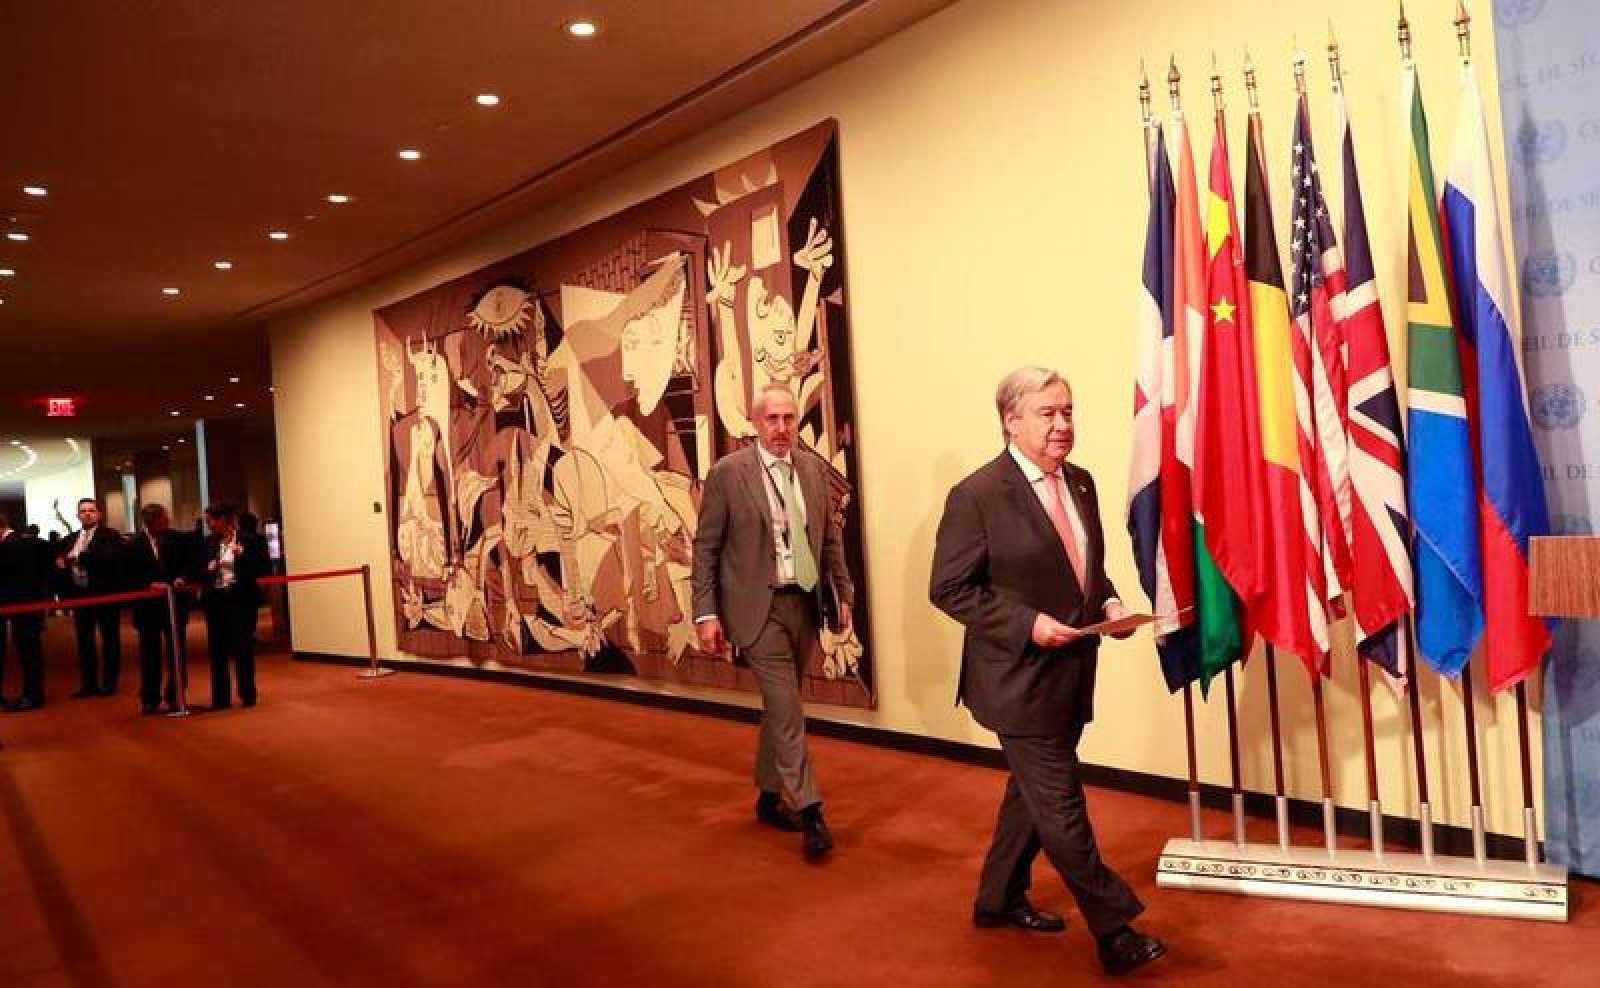 El secretario general de Naciones Unidas, Antonio Guterres, a su llegada a la sede de la ONU en Nueva York.